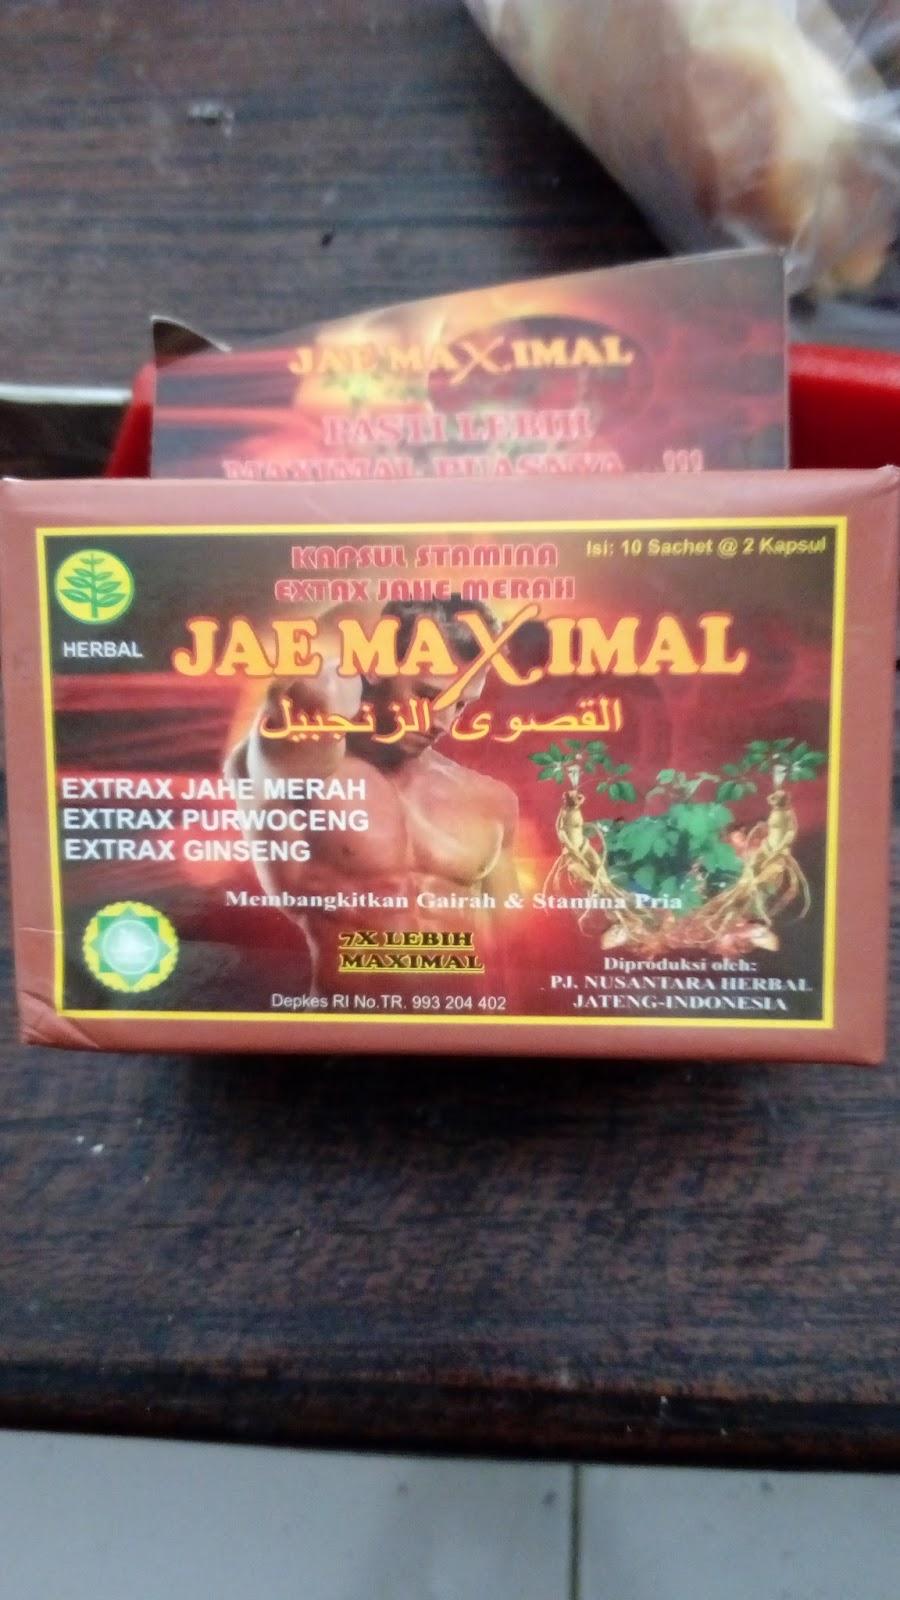 kopi reximax obat kuat herbal jae maximal kapsul herbal